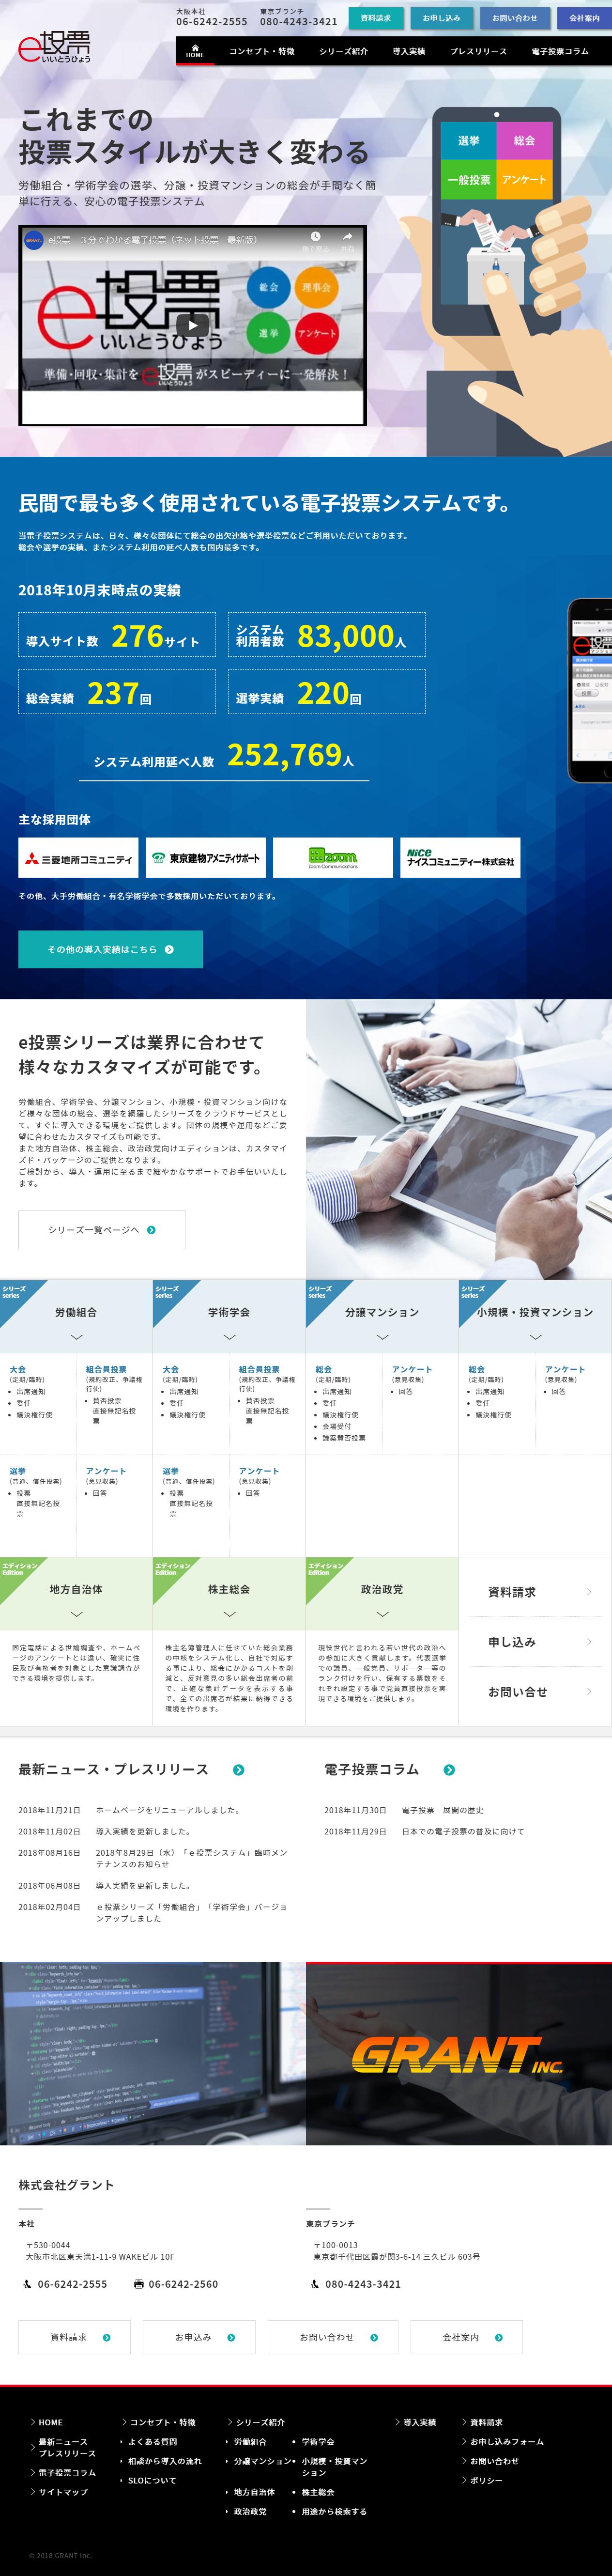 パソコン版ホームページデザイン